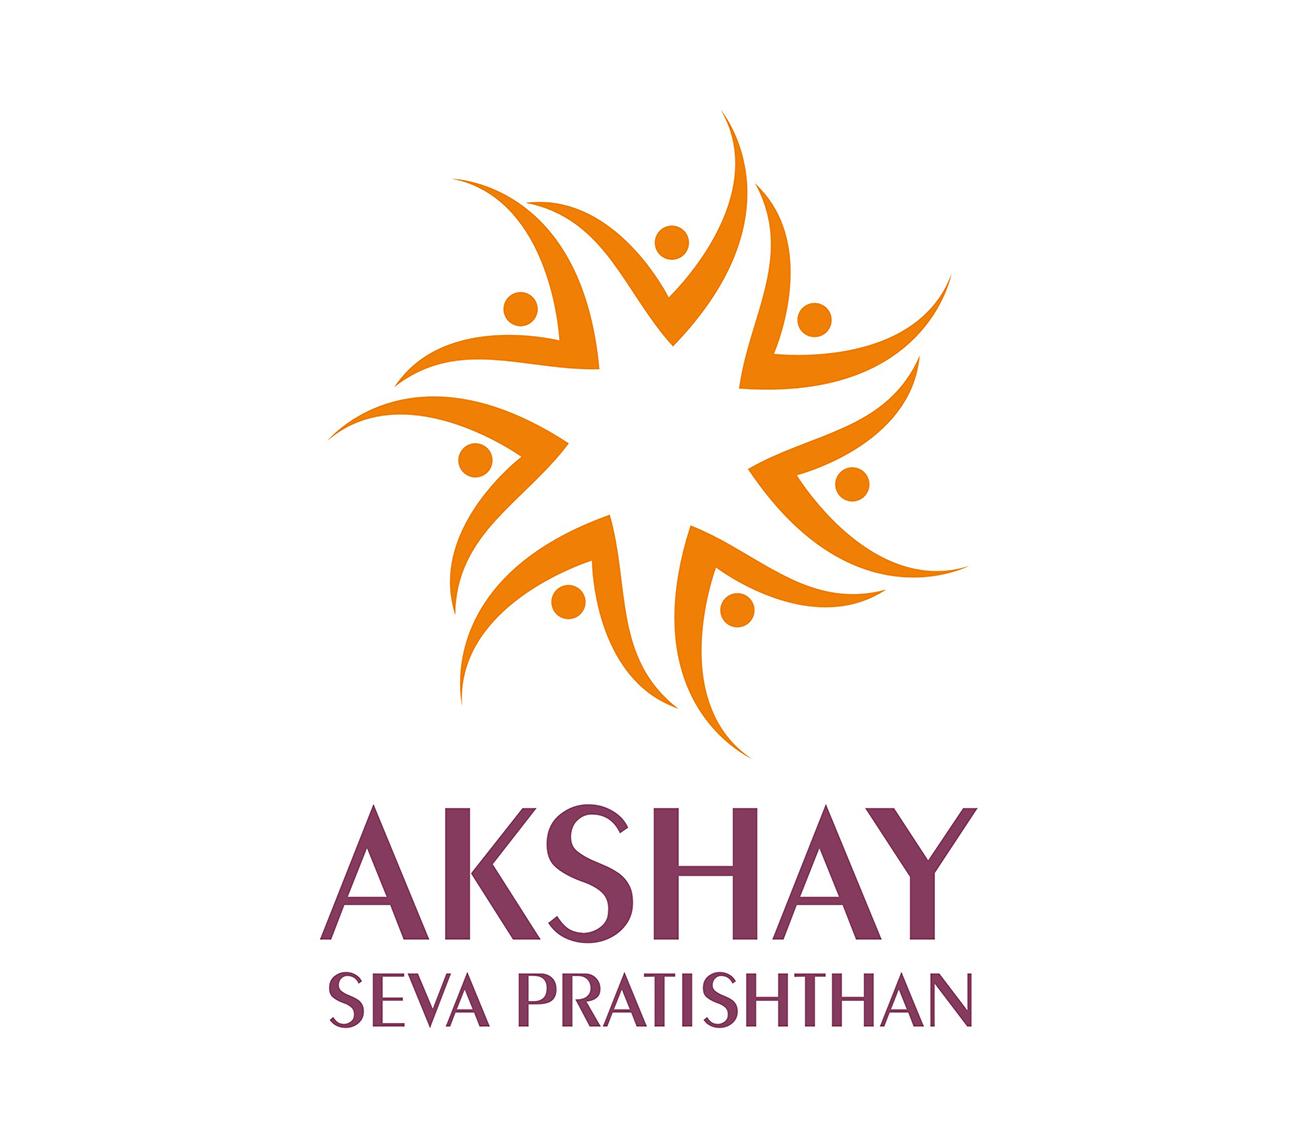 Akshay Seva Pratishthan